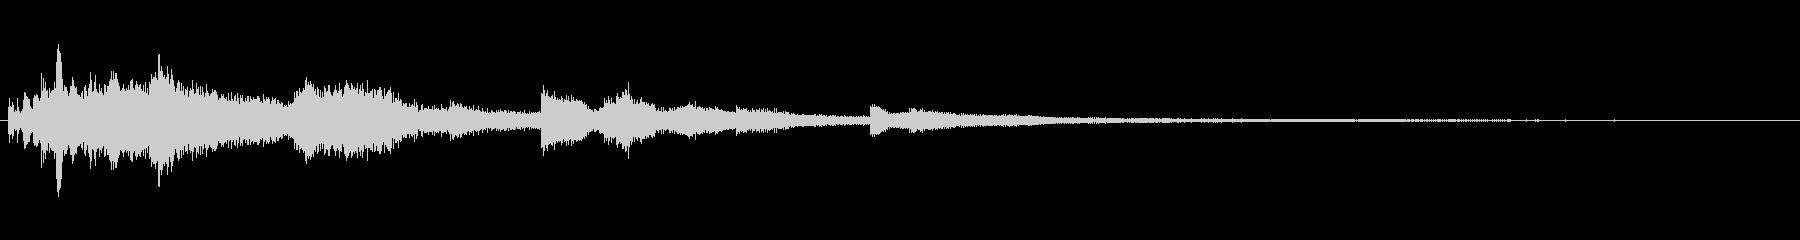 チャイムバーストラムを振りかけるの未再生の波形